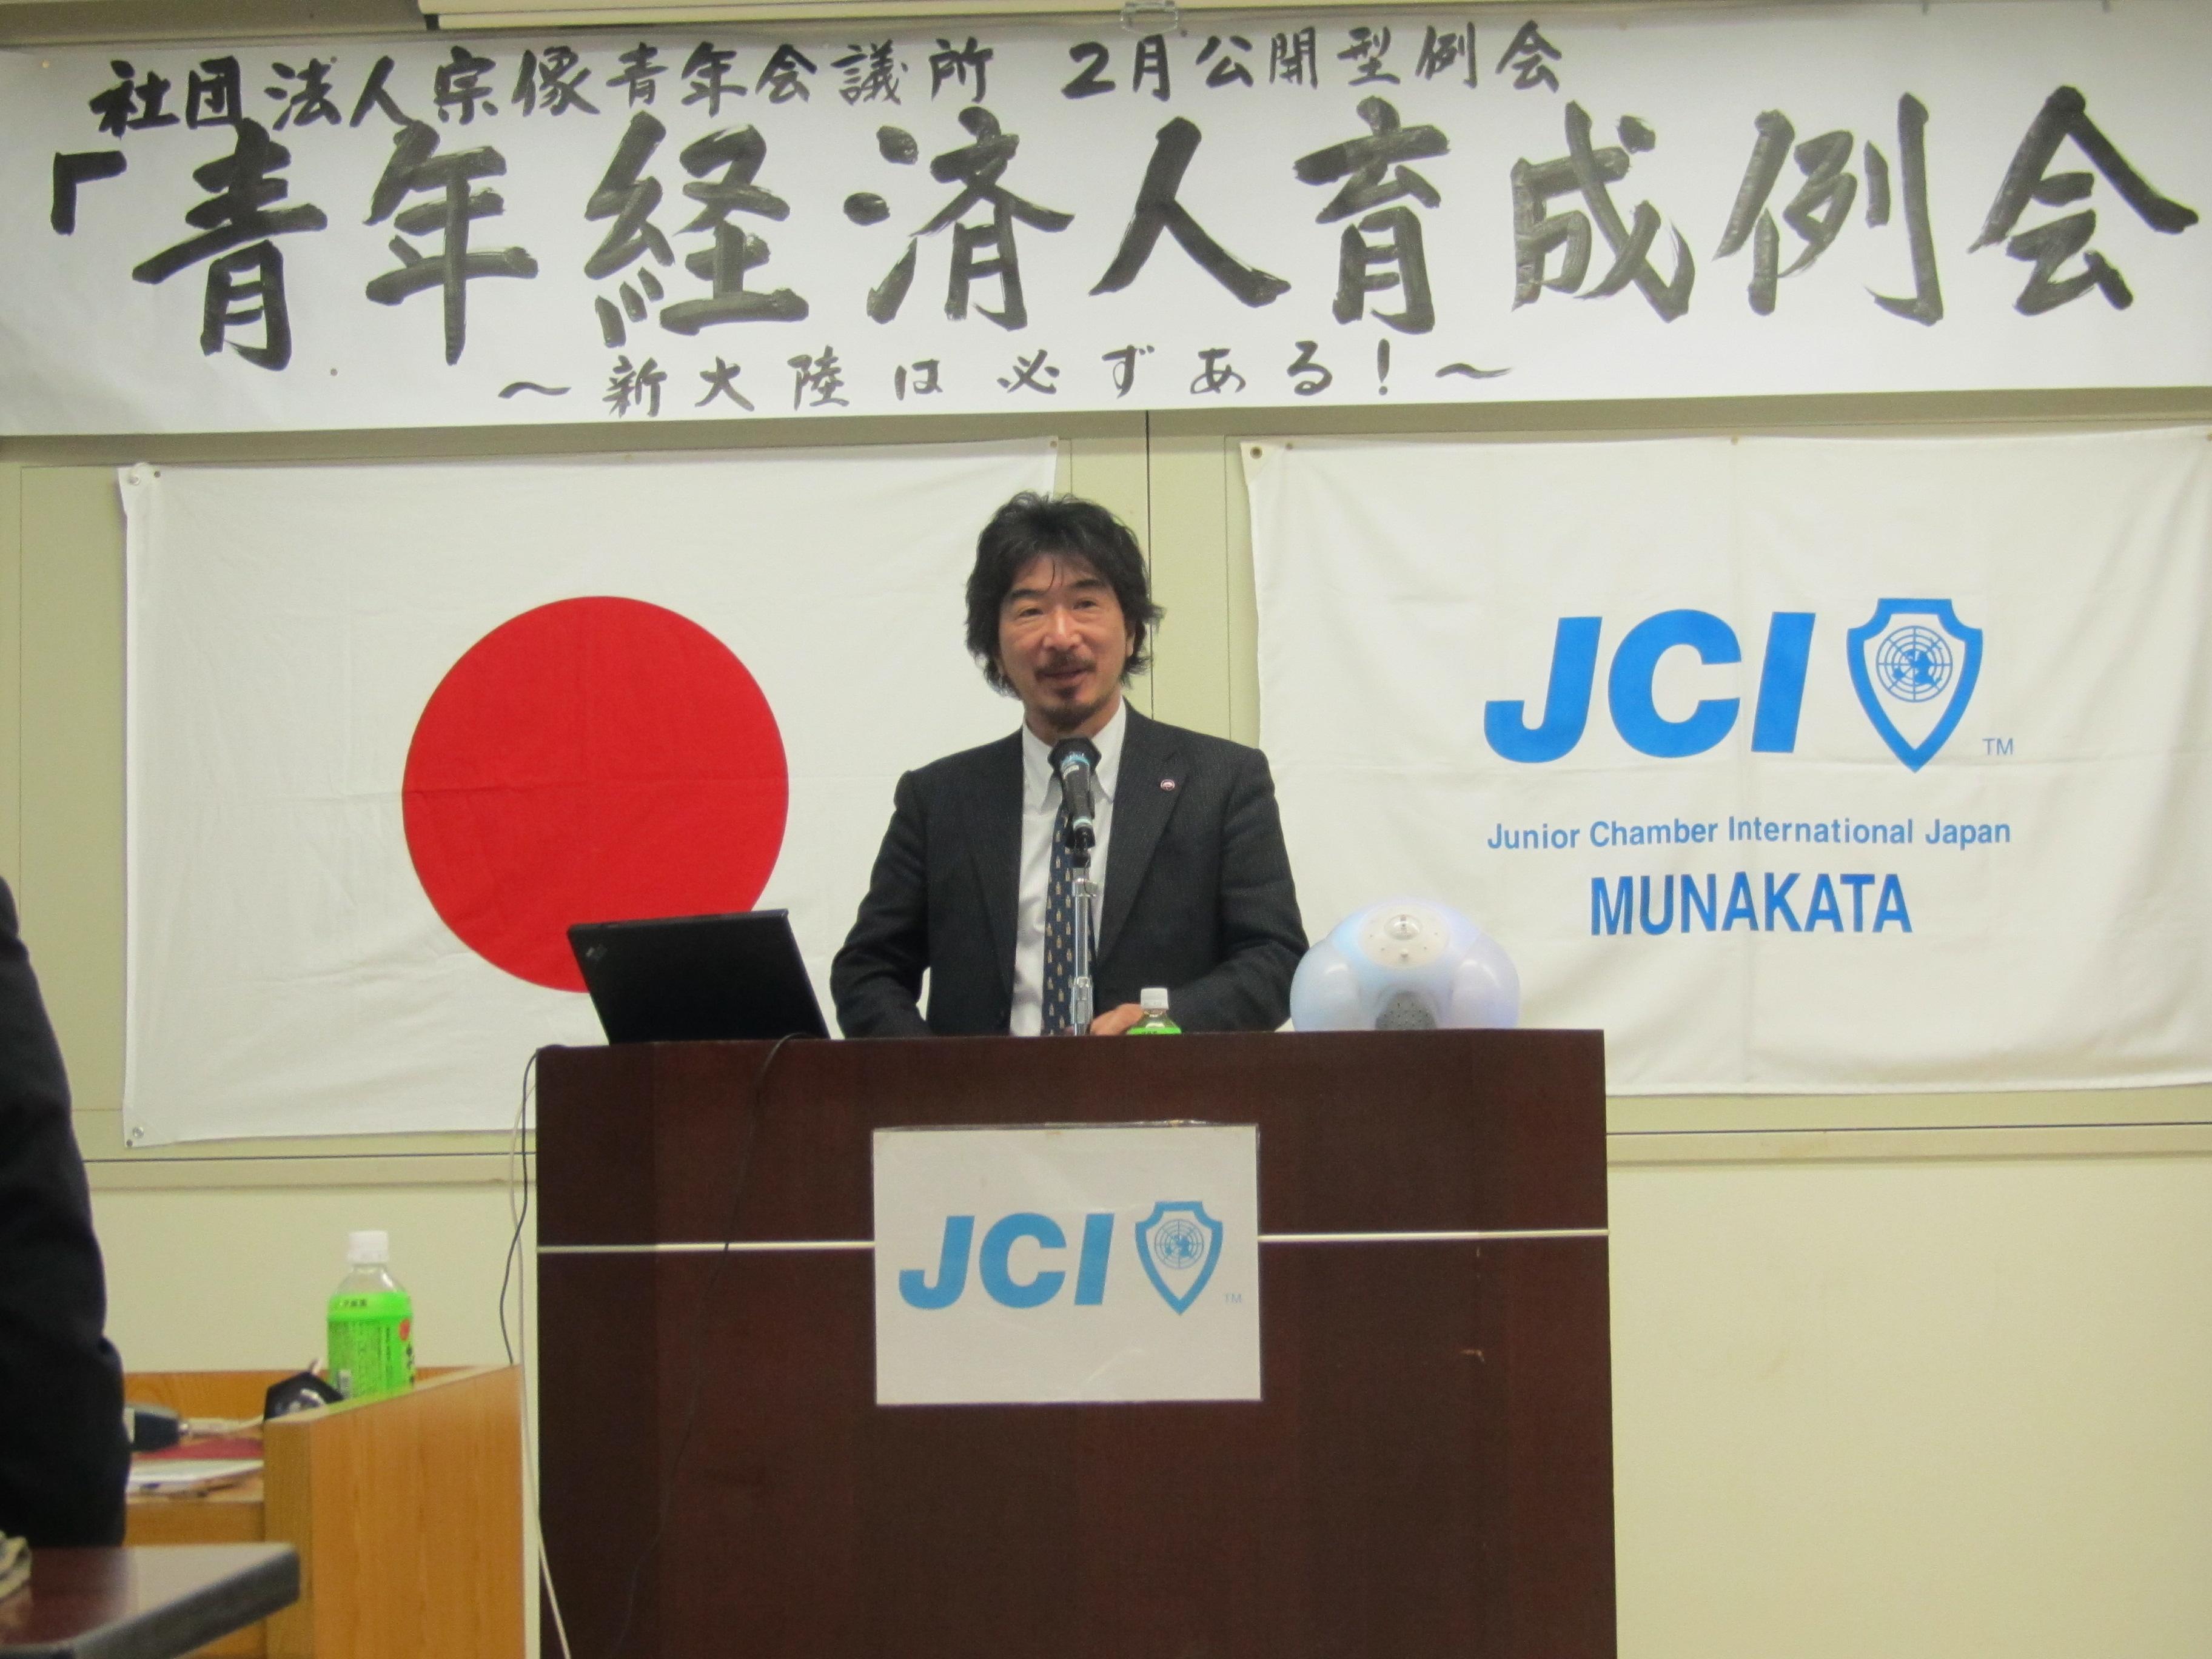 http://www.munakatajc.com/active/IMG_1183.JPG